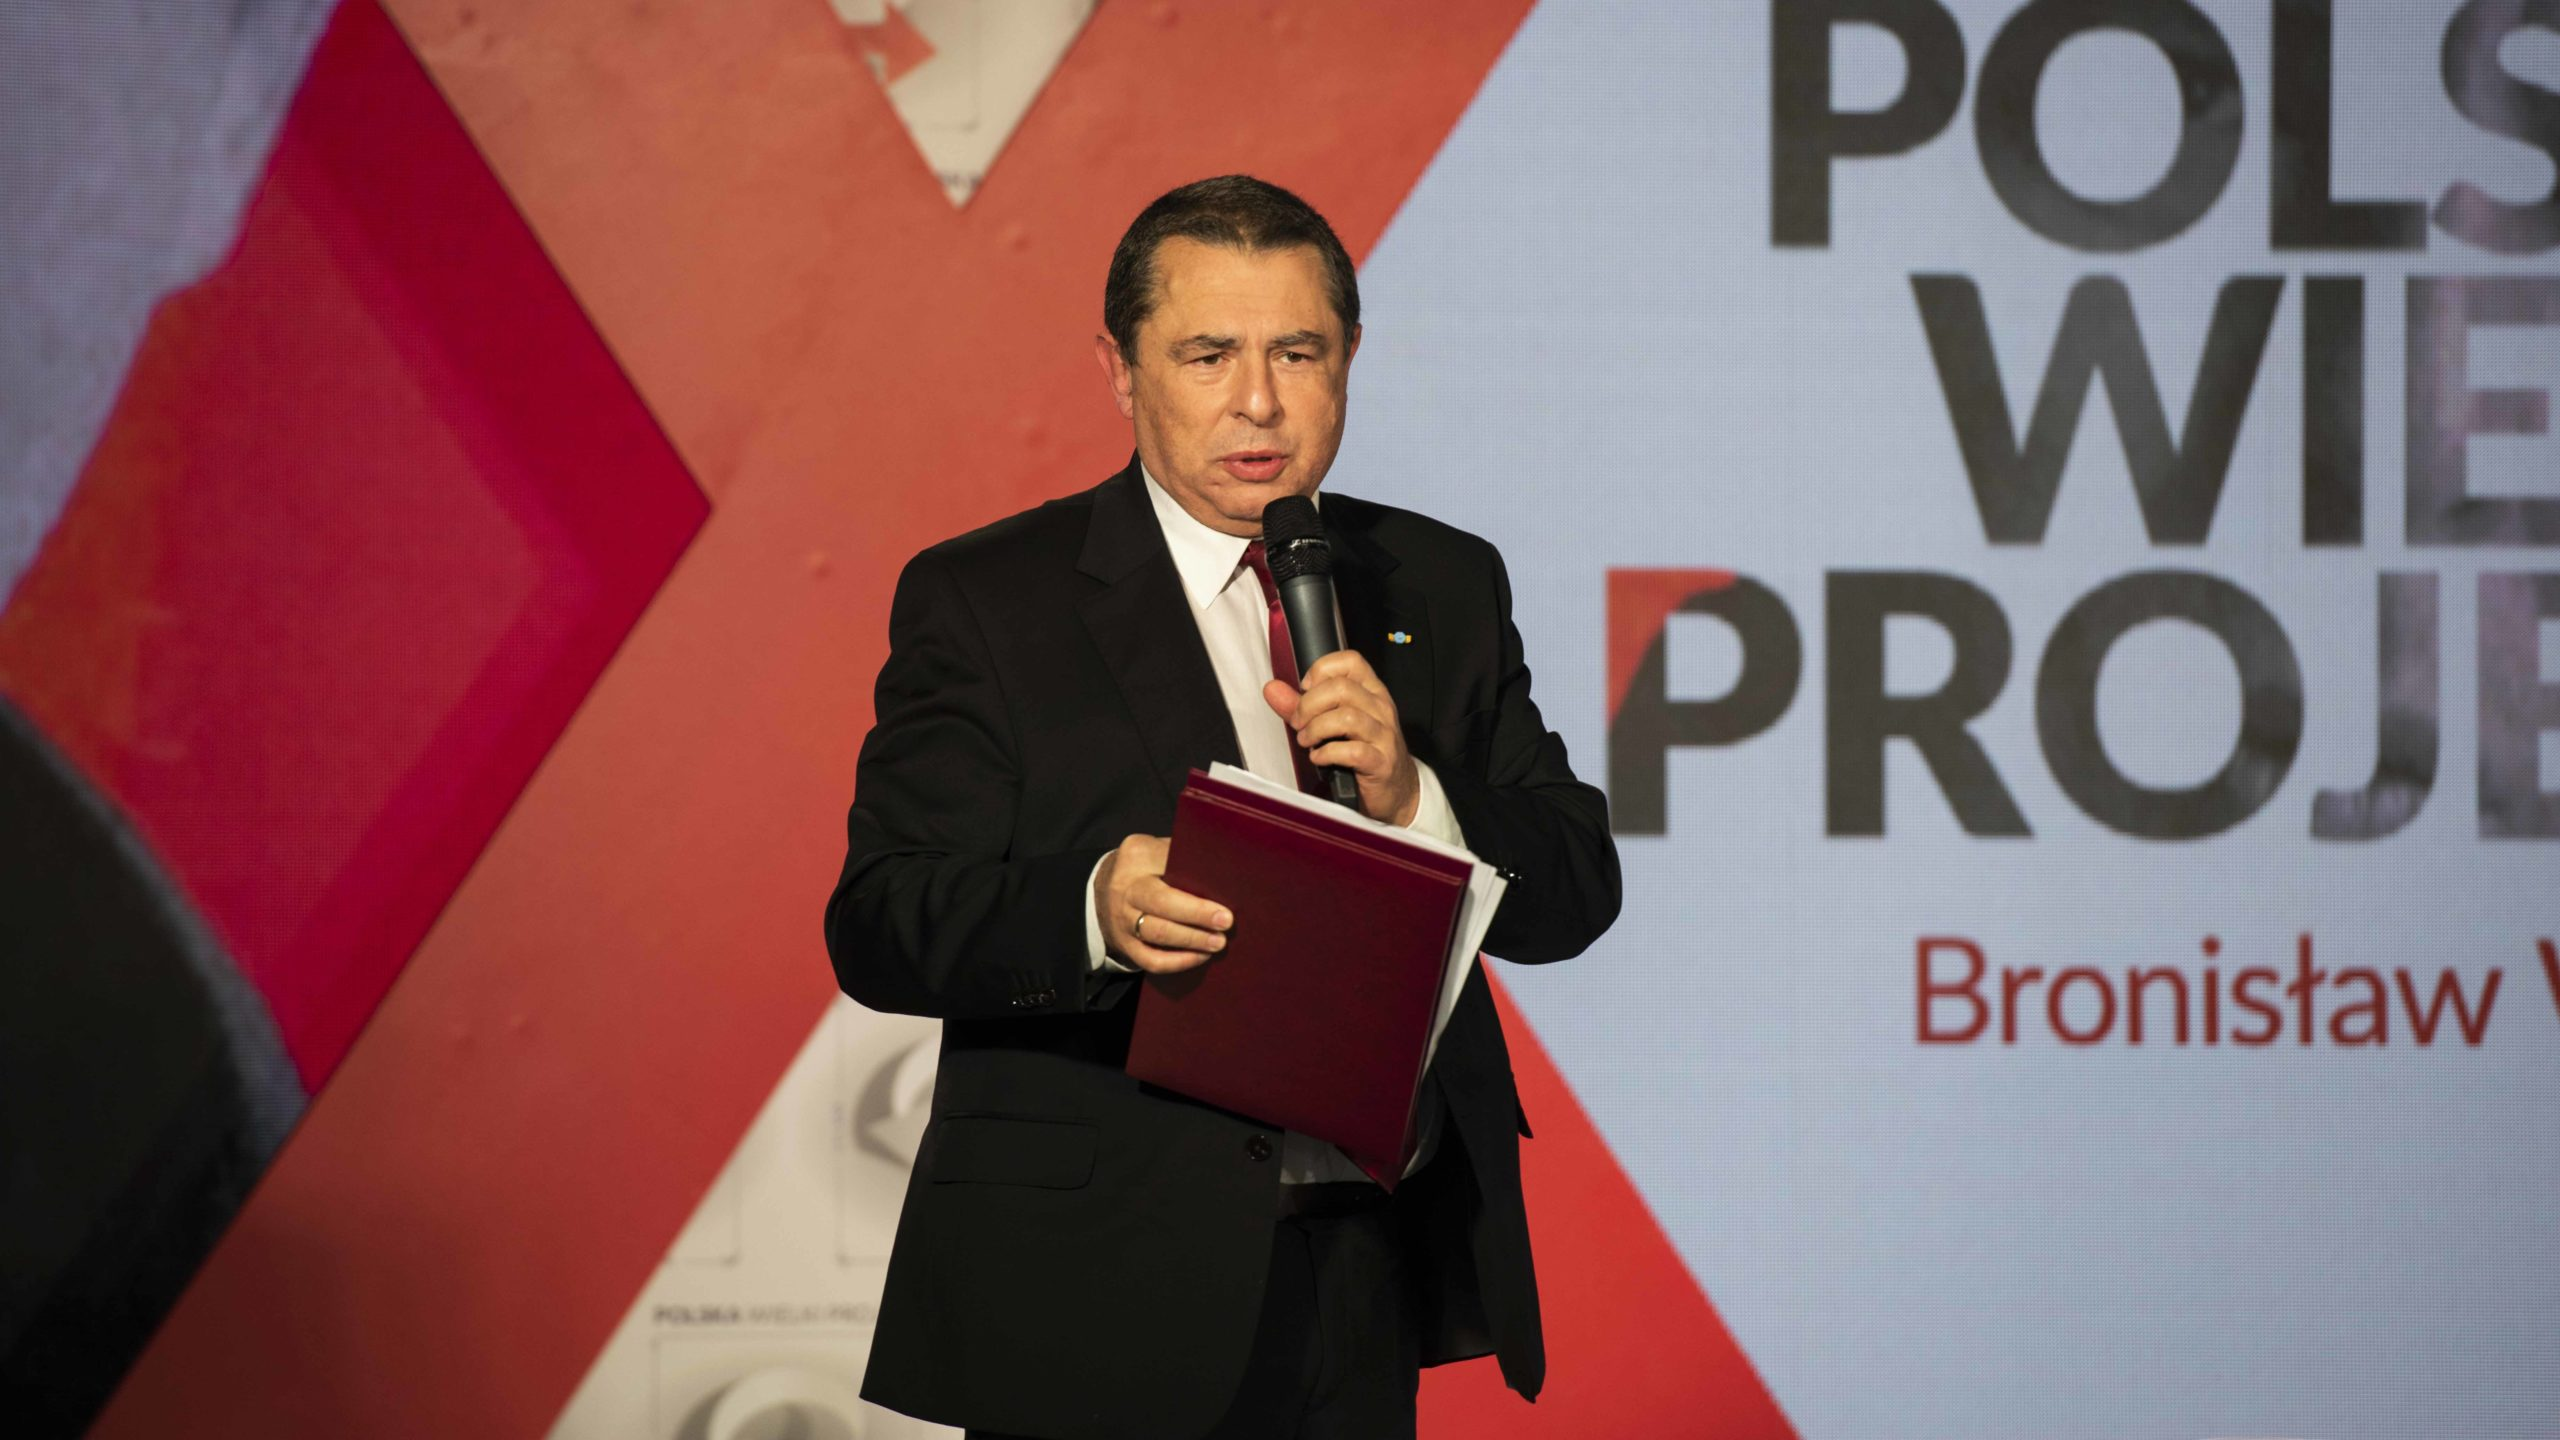 Bronisław Wildstein 2020 nagroda